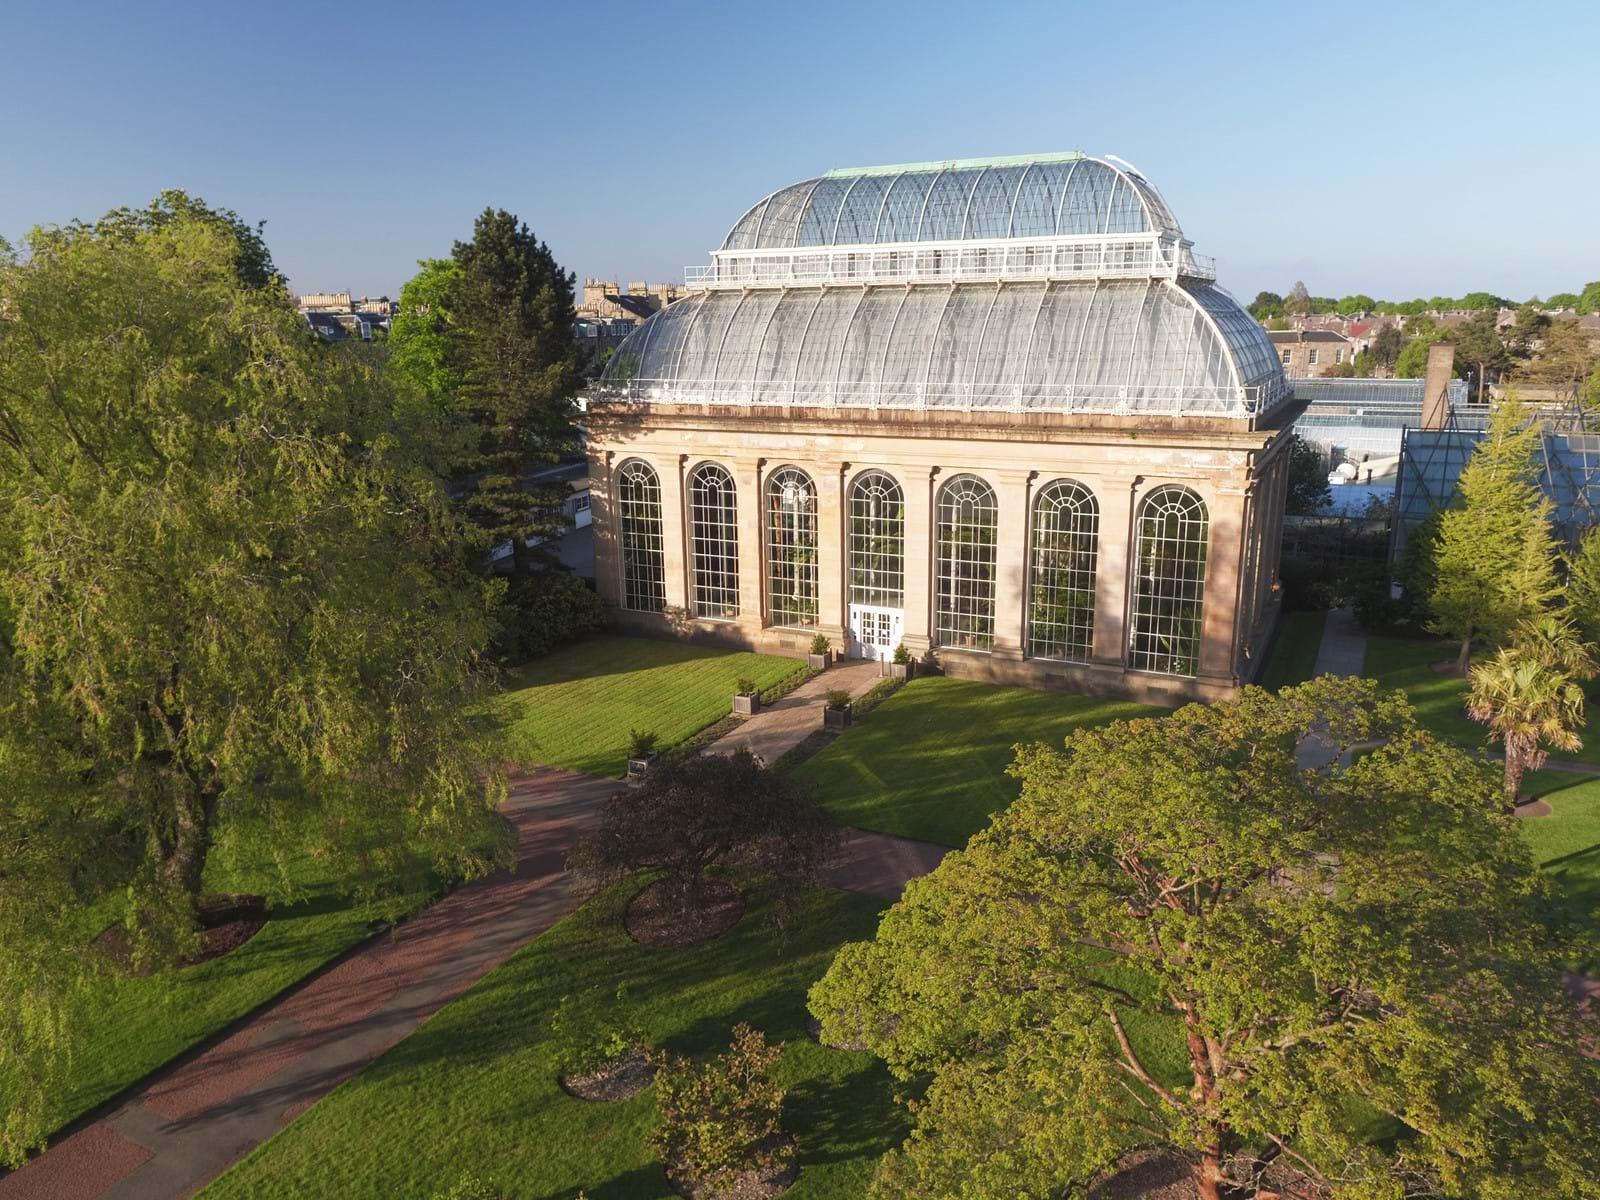 Edinburgh Royal Botanic Gardens